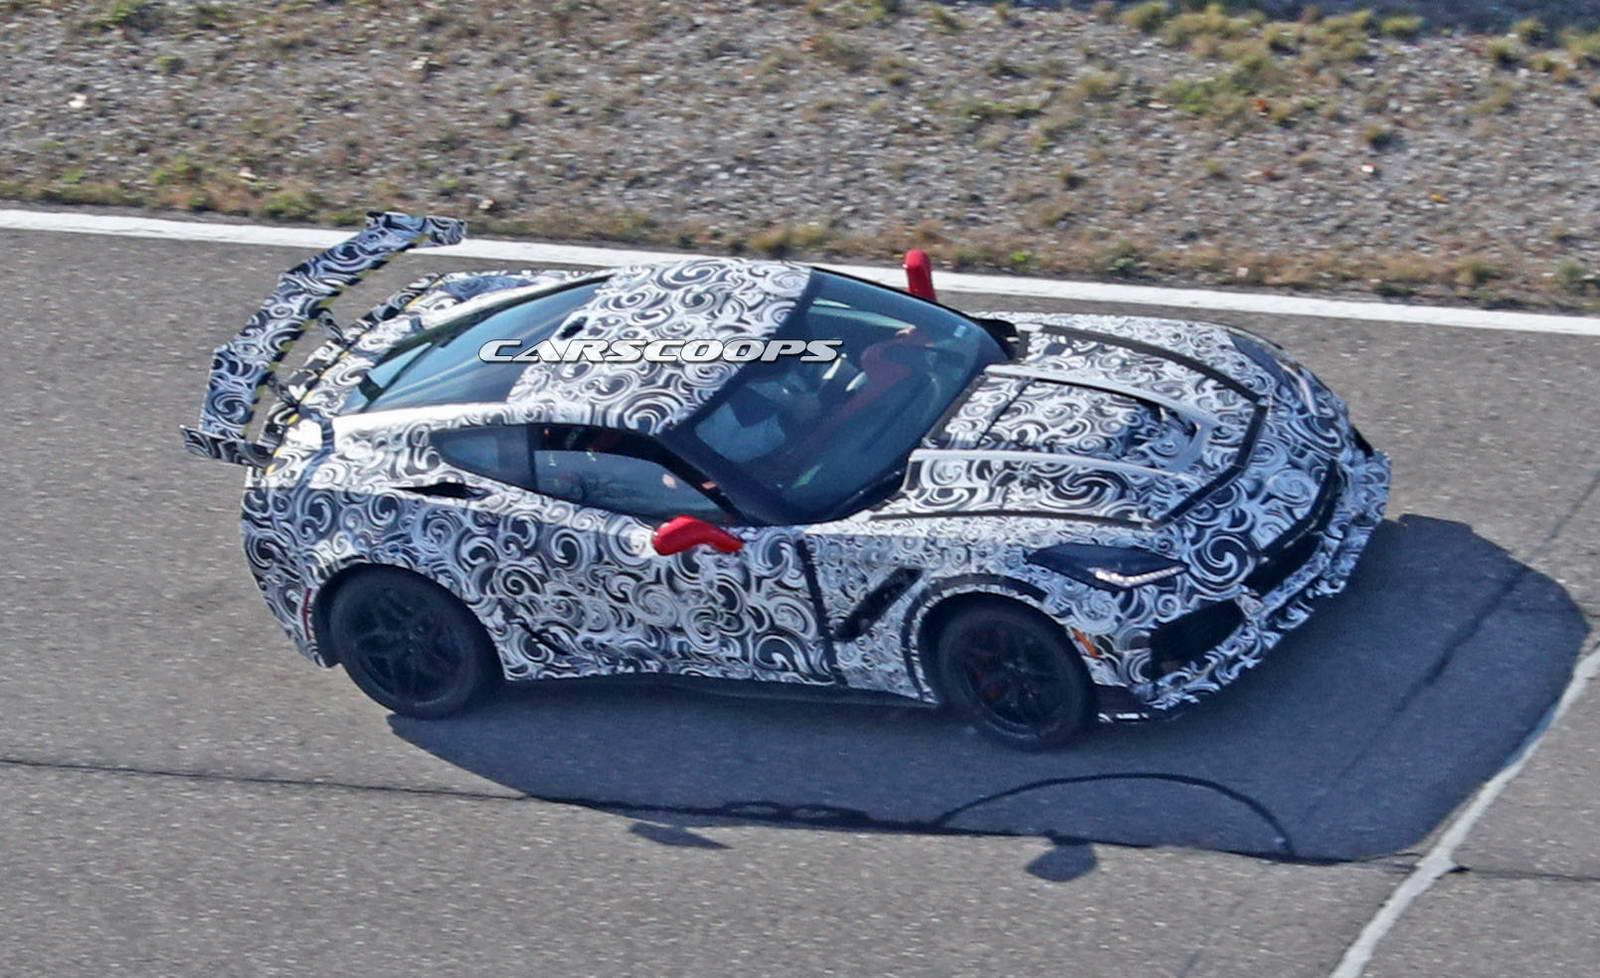 2018-Corvette-ZR1-1.jpg